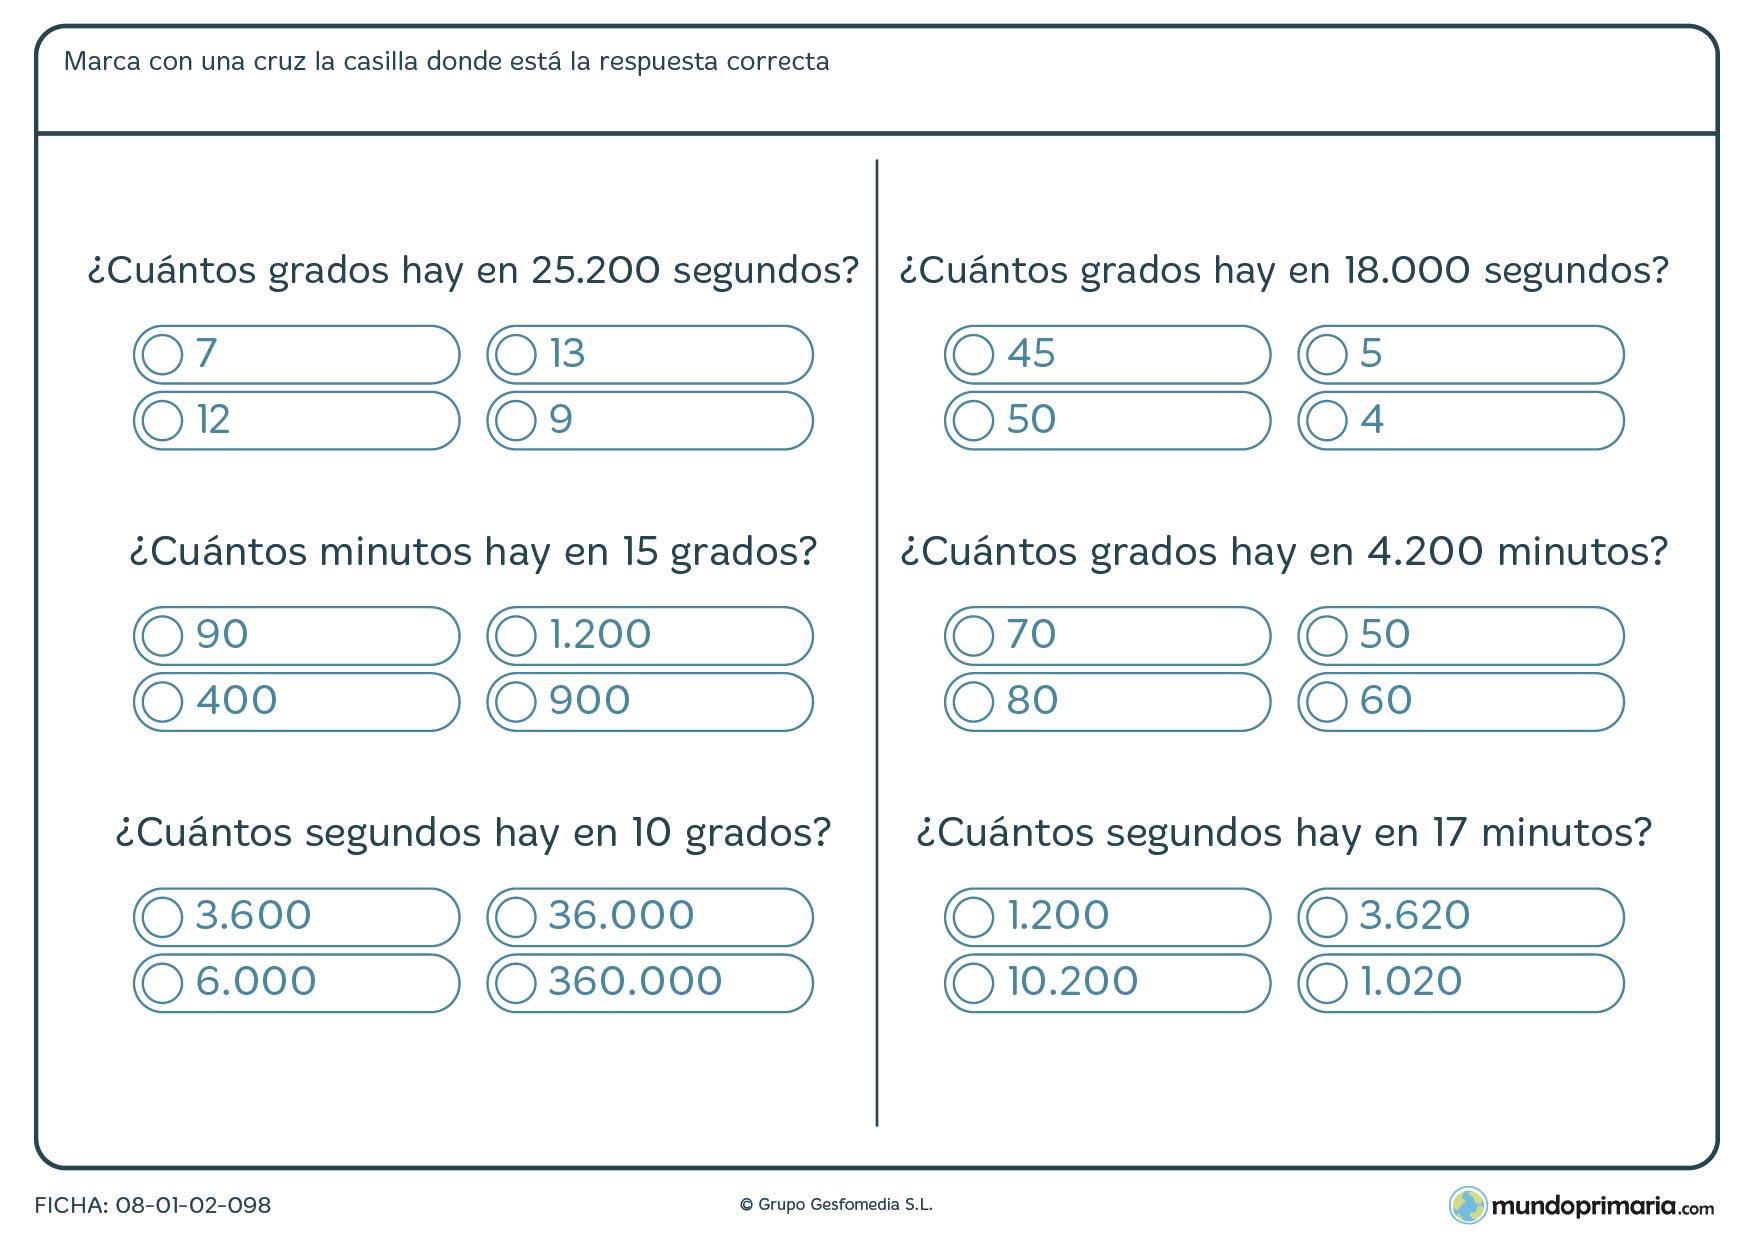 Ficha de pasar grados a minutos o a segundos marcando la respuesta correcta entre las 4 dadas.